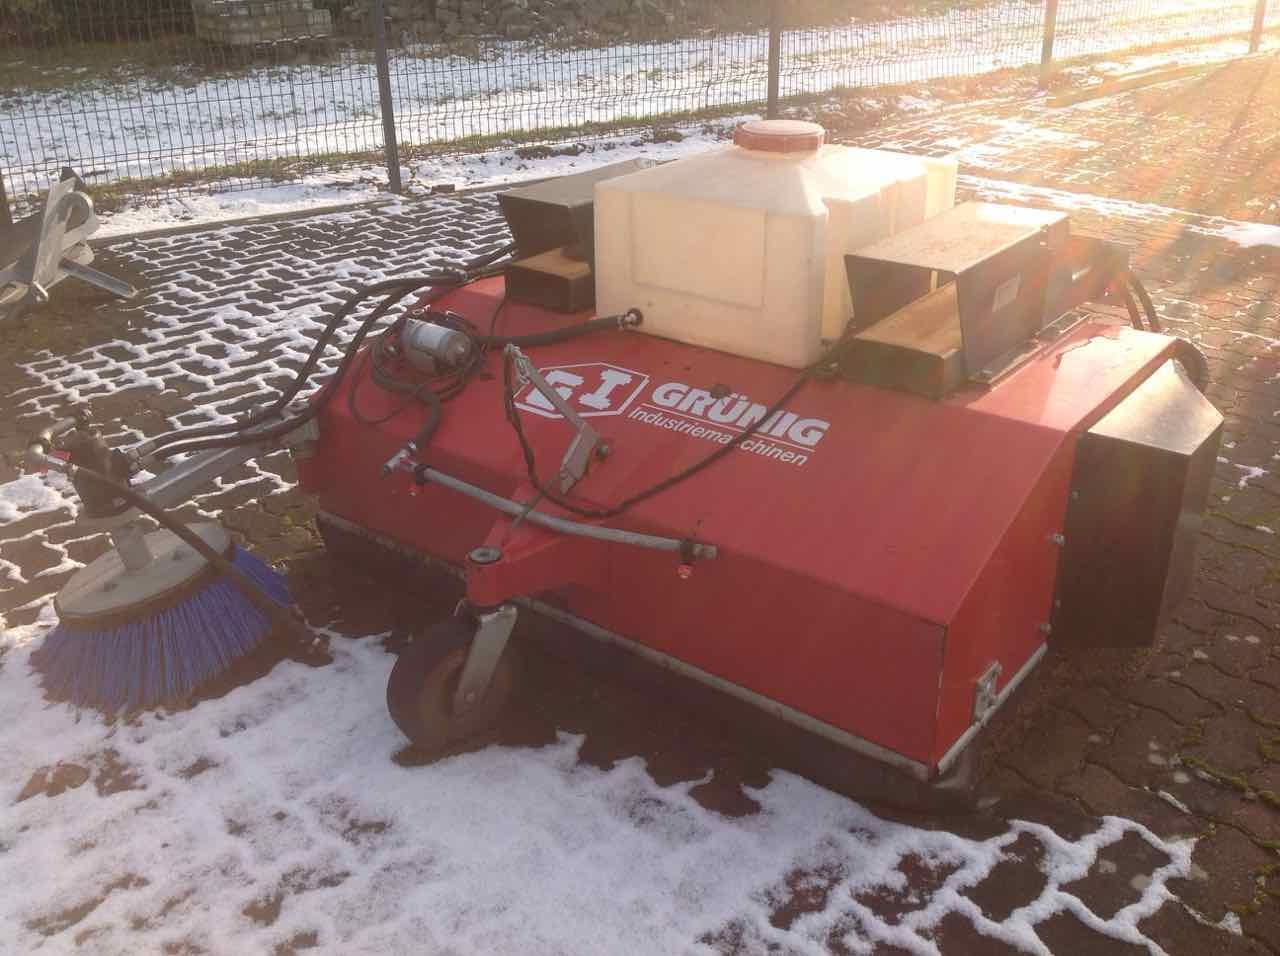 Grünig GSX 1600 Kehrmaschine mit Seitenbesen und Wasserbehälter